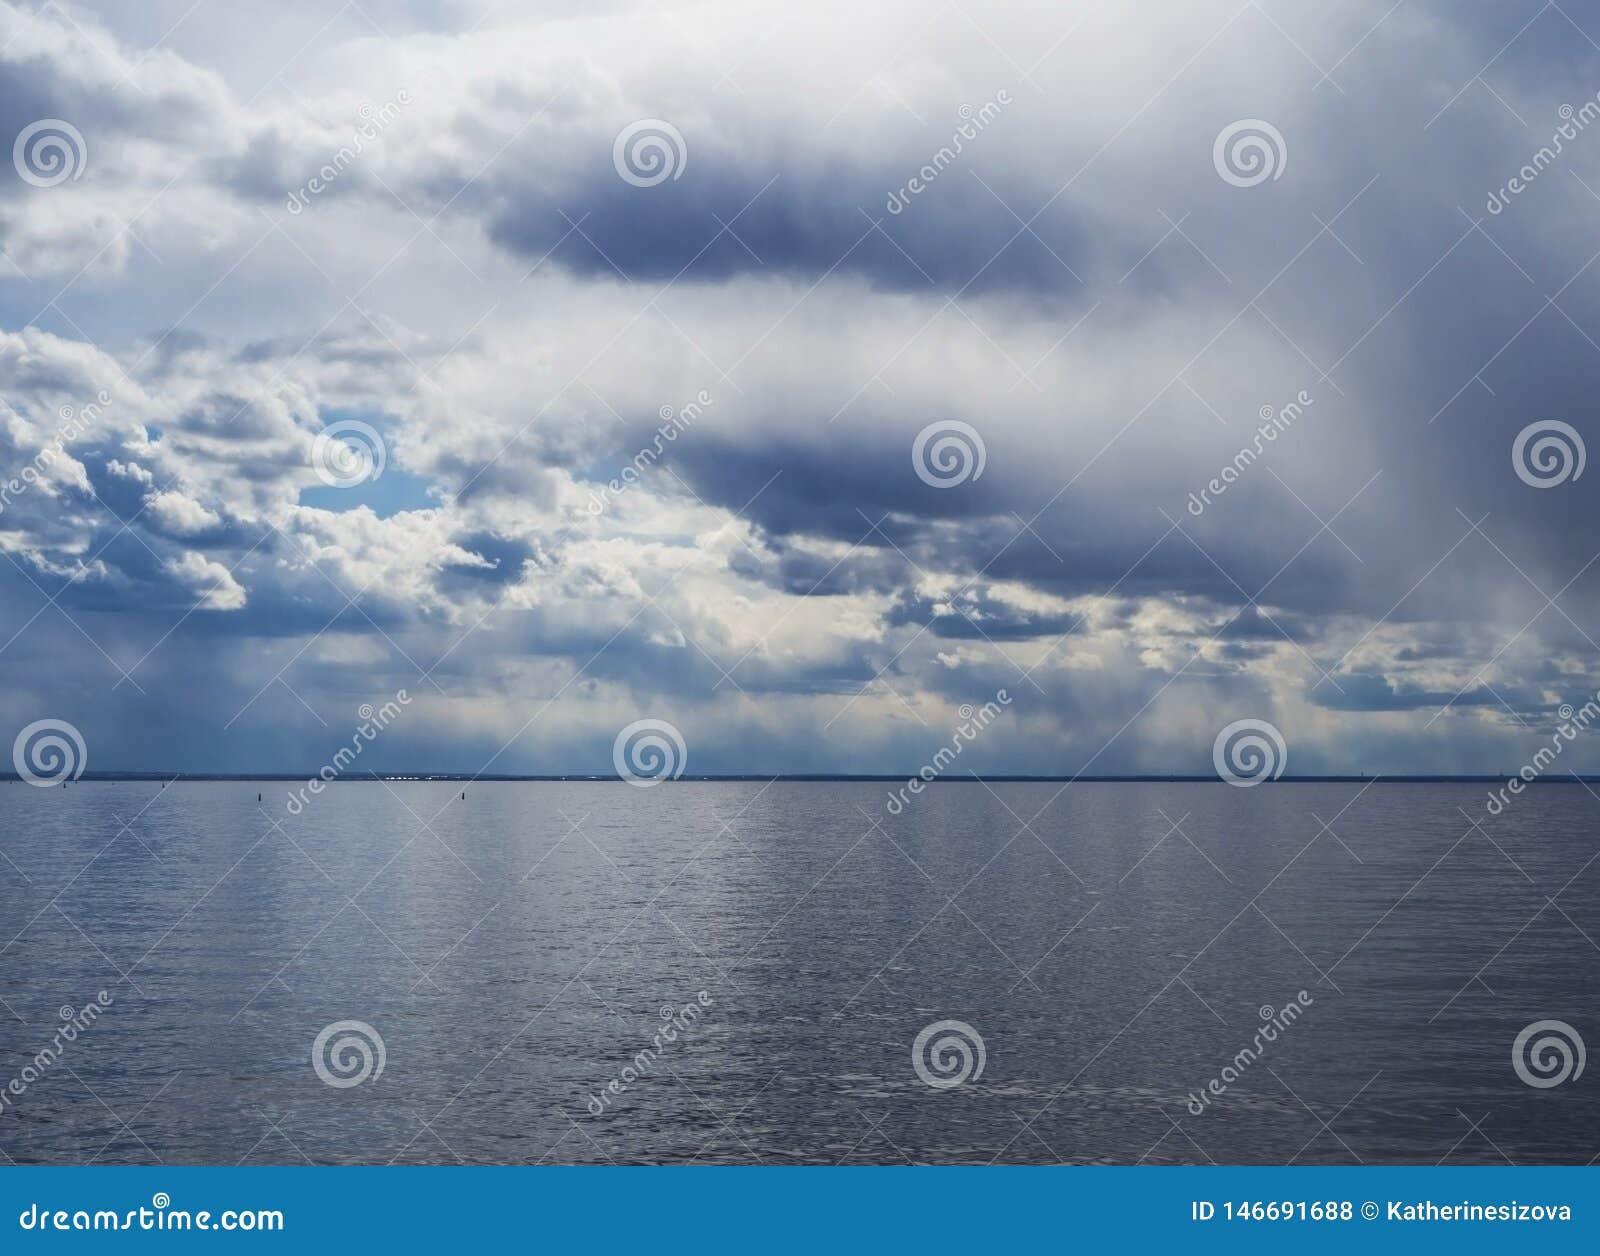 Oszałamiająco krajobraz błękitny morze i chmurny niebo